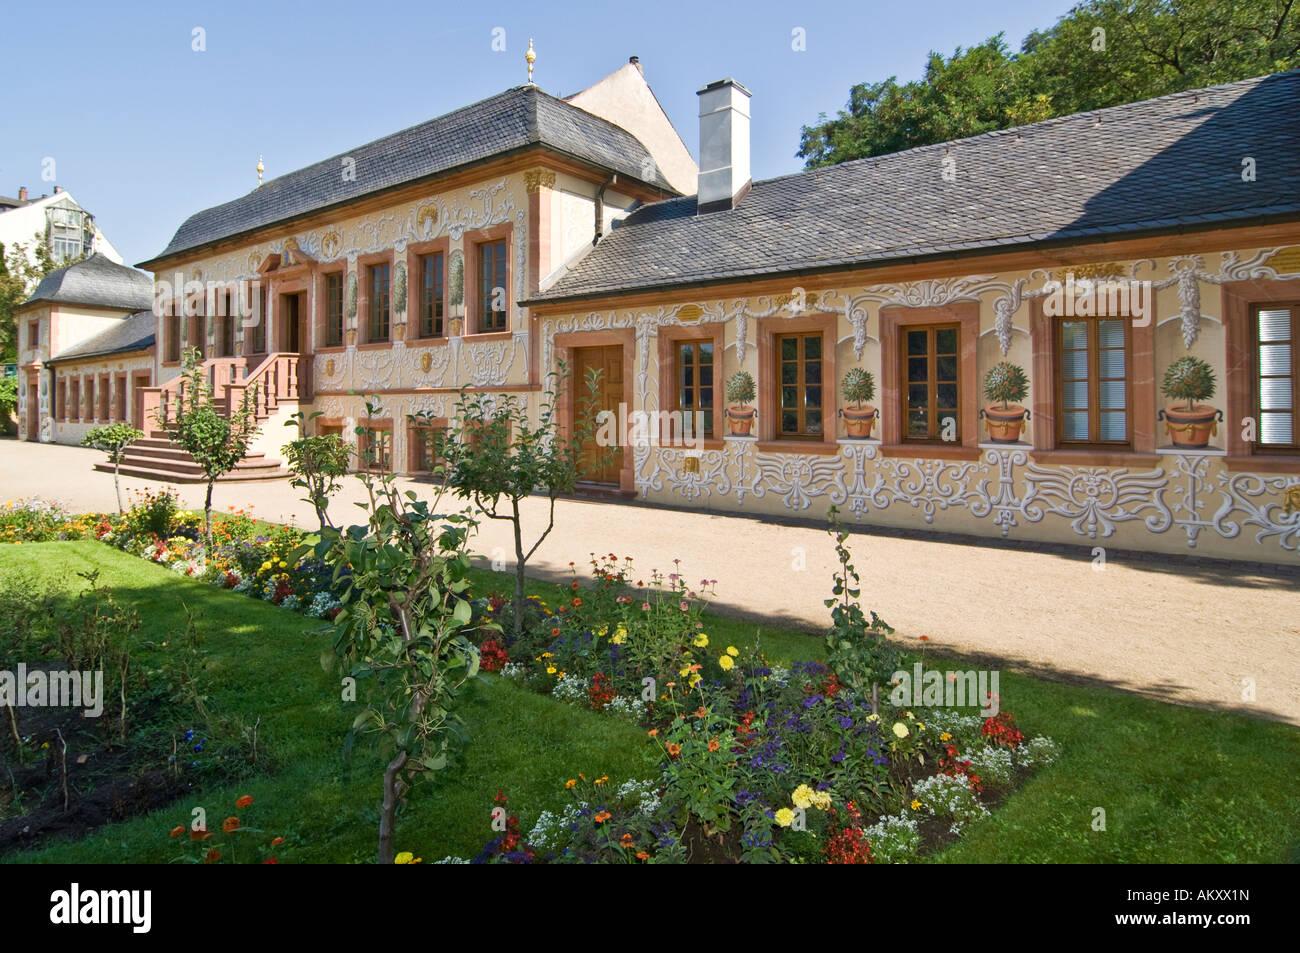 Pretlack'sches Gartenhaus, Prinz GeGarten (Prince George